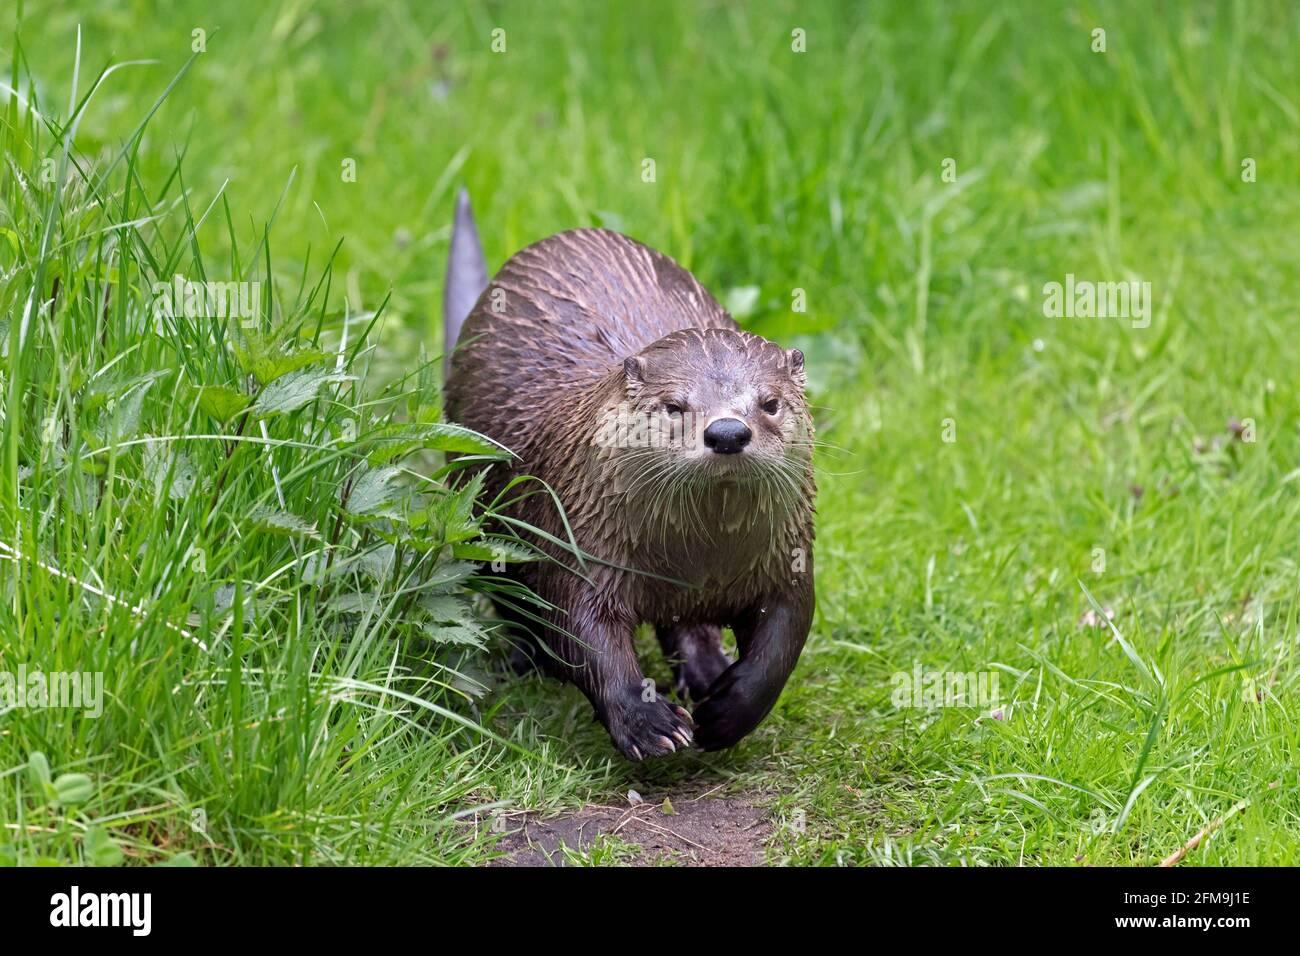 Lontra eurasiatica / lontra fluviale europeo (Lutra lutra) correre su terra in prato / prateria sulla riva del fiume / riva del fiume in primavera Foto Stock